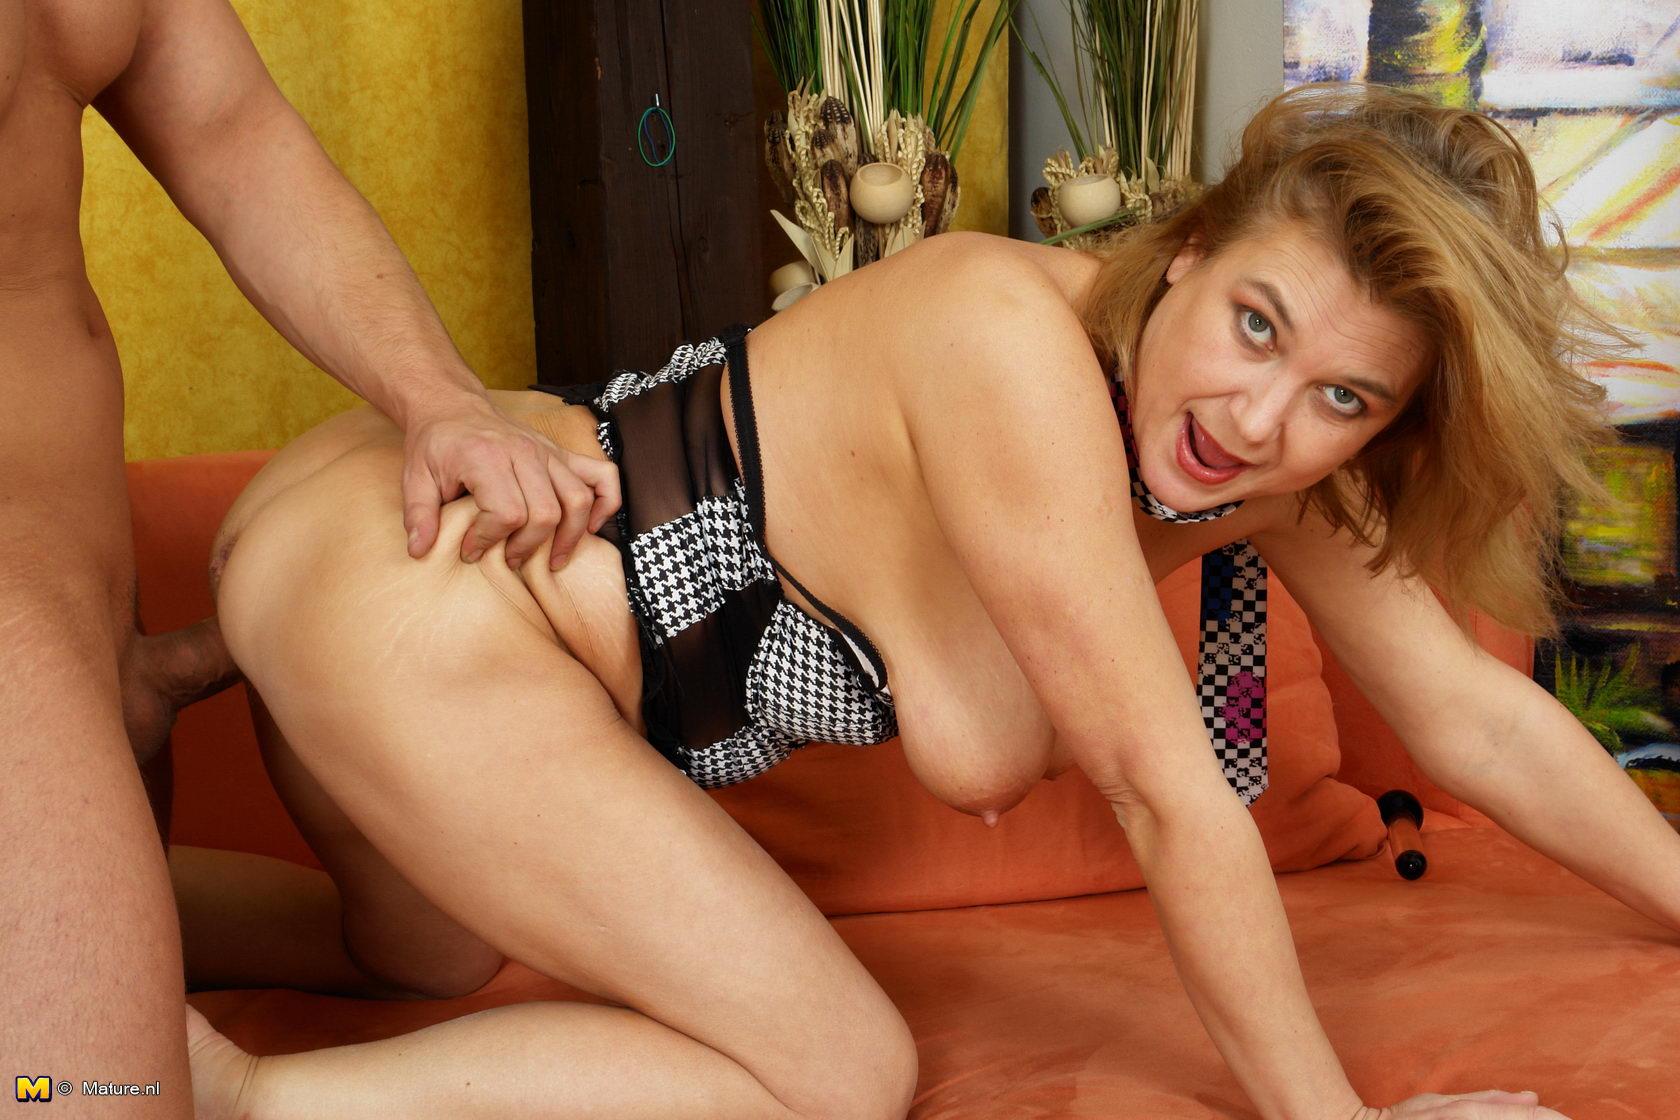 kinky nl forum grats sex films